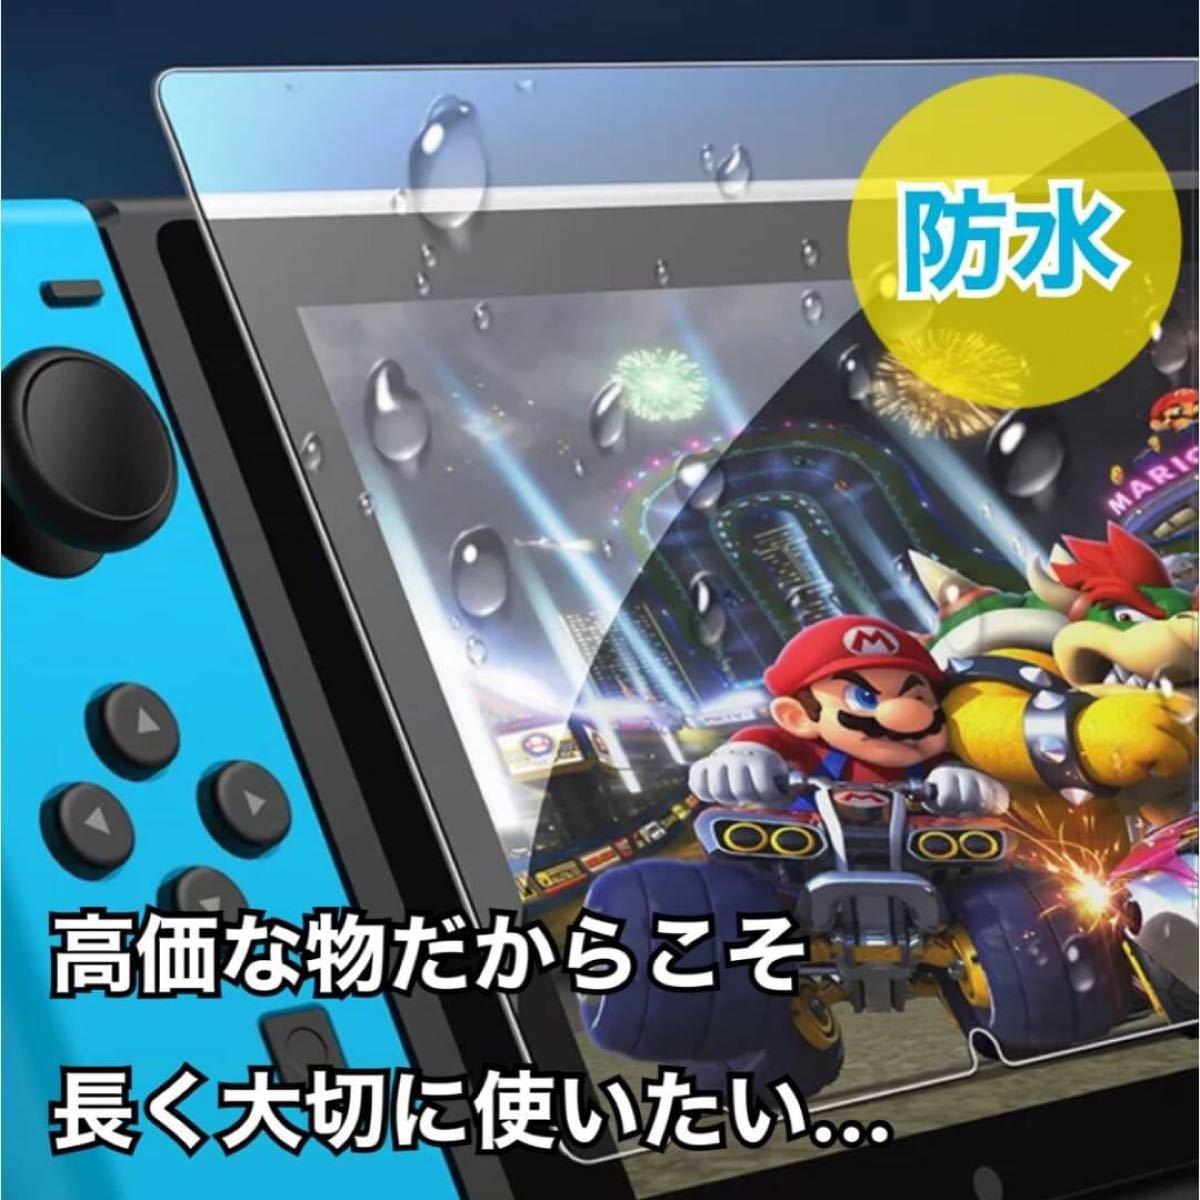 任天堂スイッチ  Nintendo Switch 保護フィルム ガラスフィルム ブルーライトカット 新品未使用 送料無料